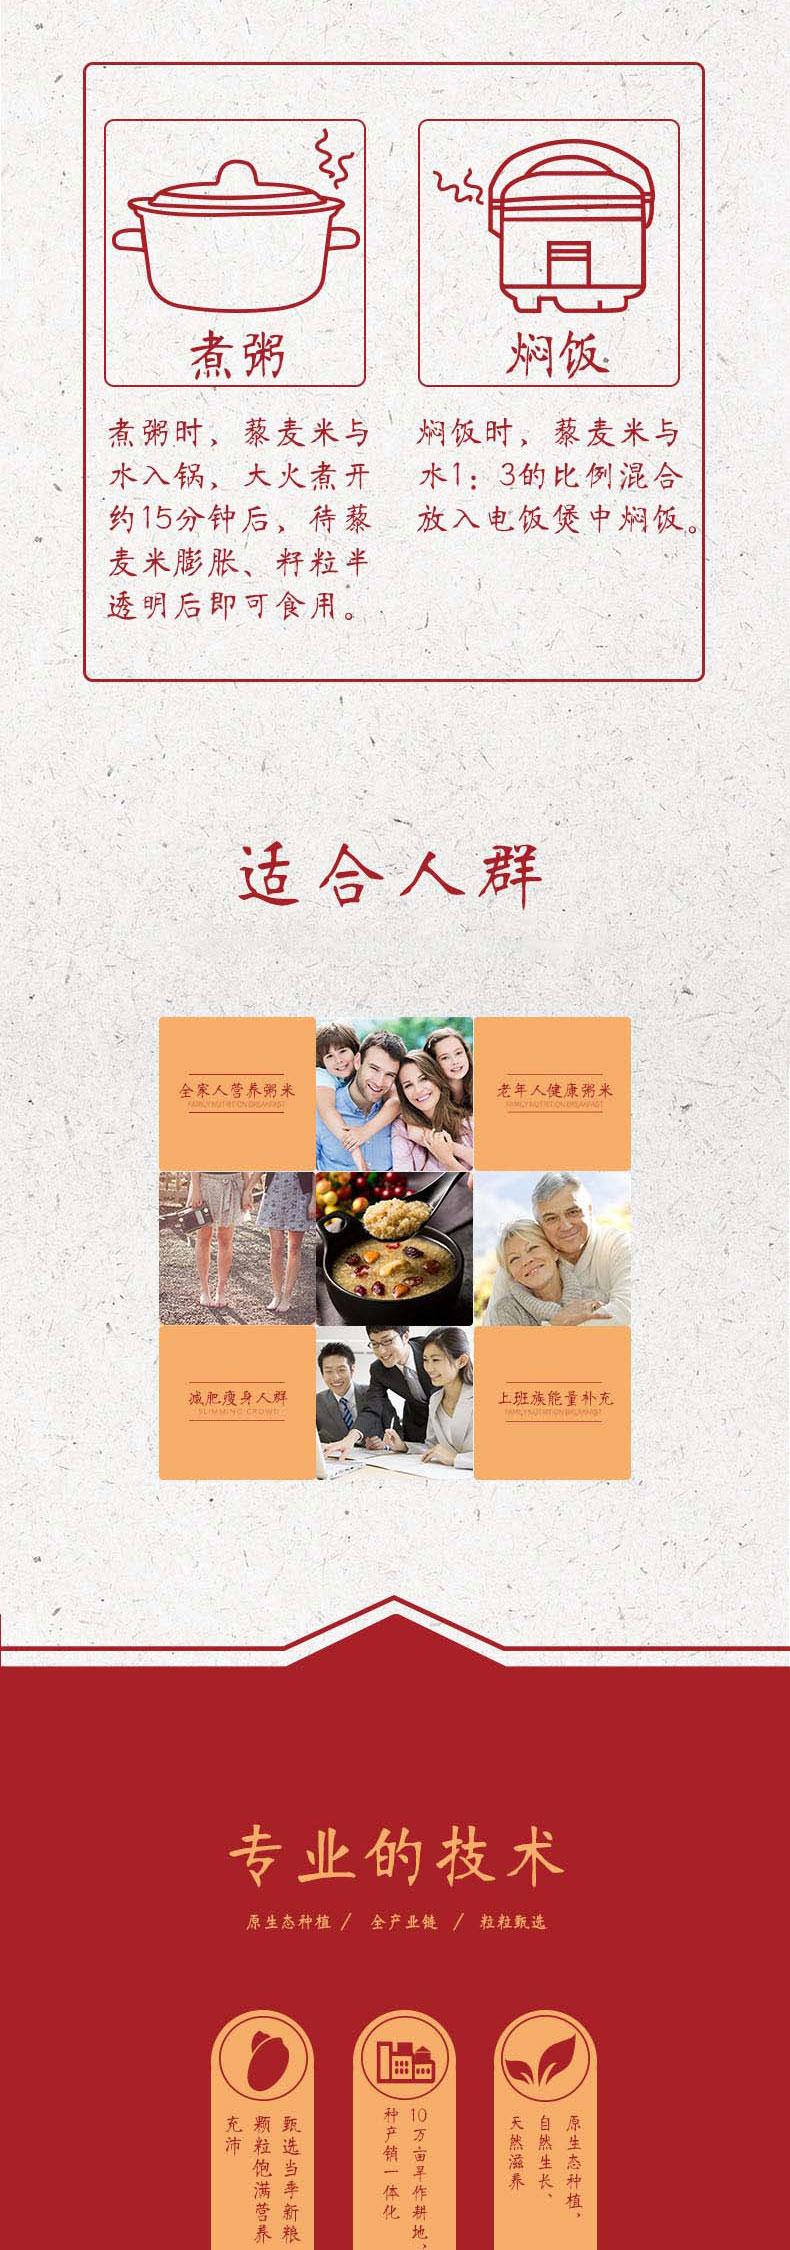 500g藜麦米详情页_09